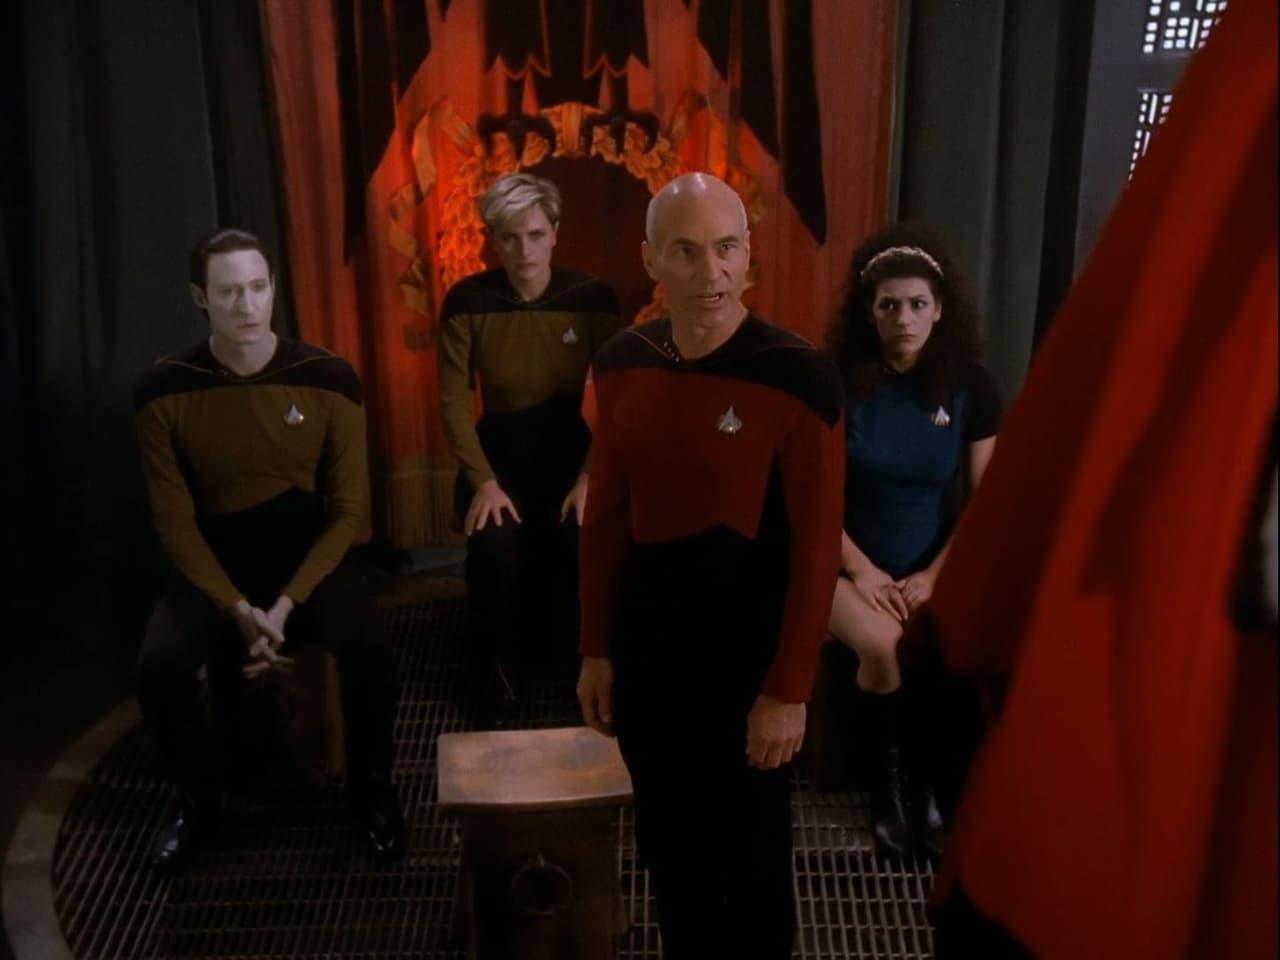 Watch Star Trek: The Next Generation Season 1 Episode 2